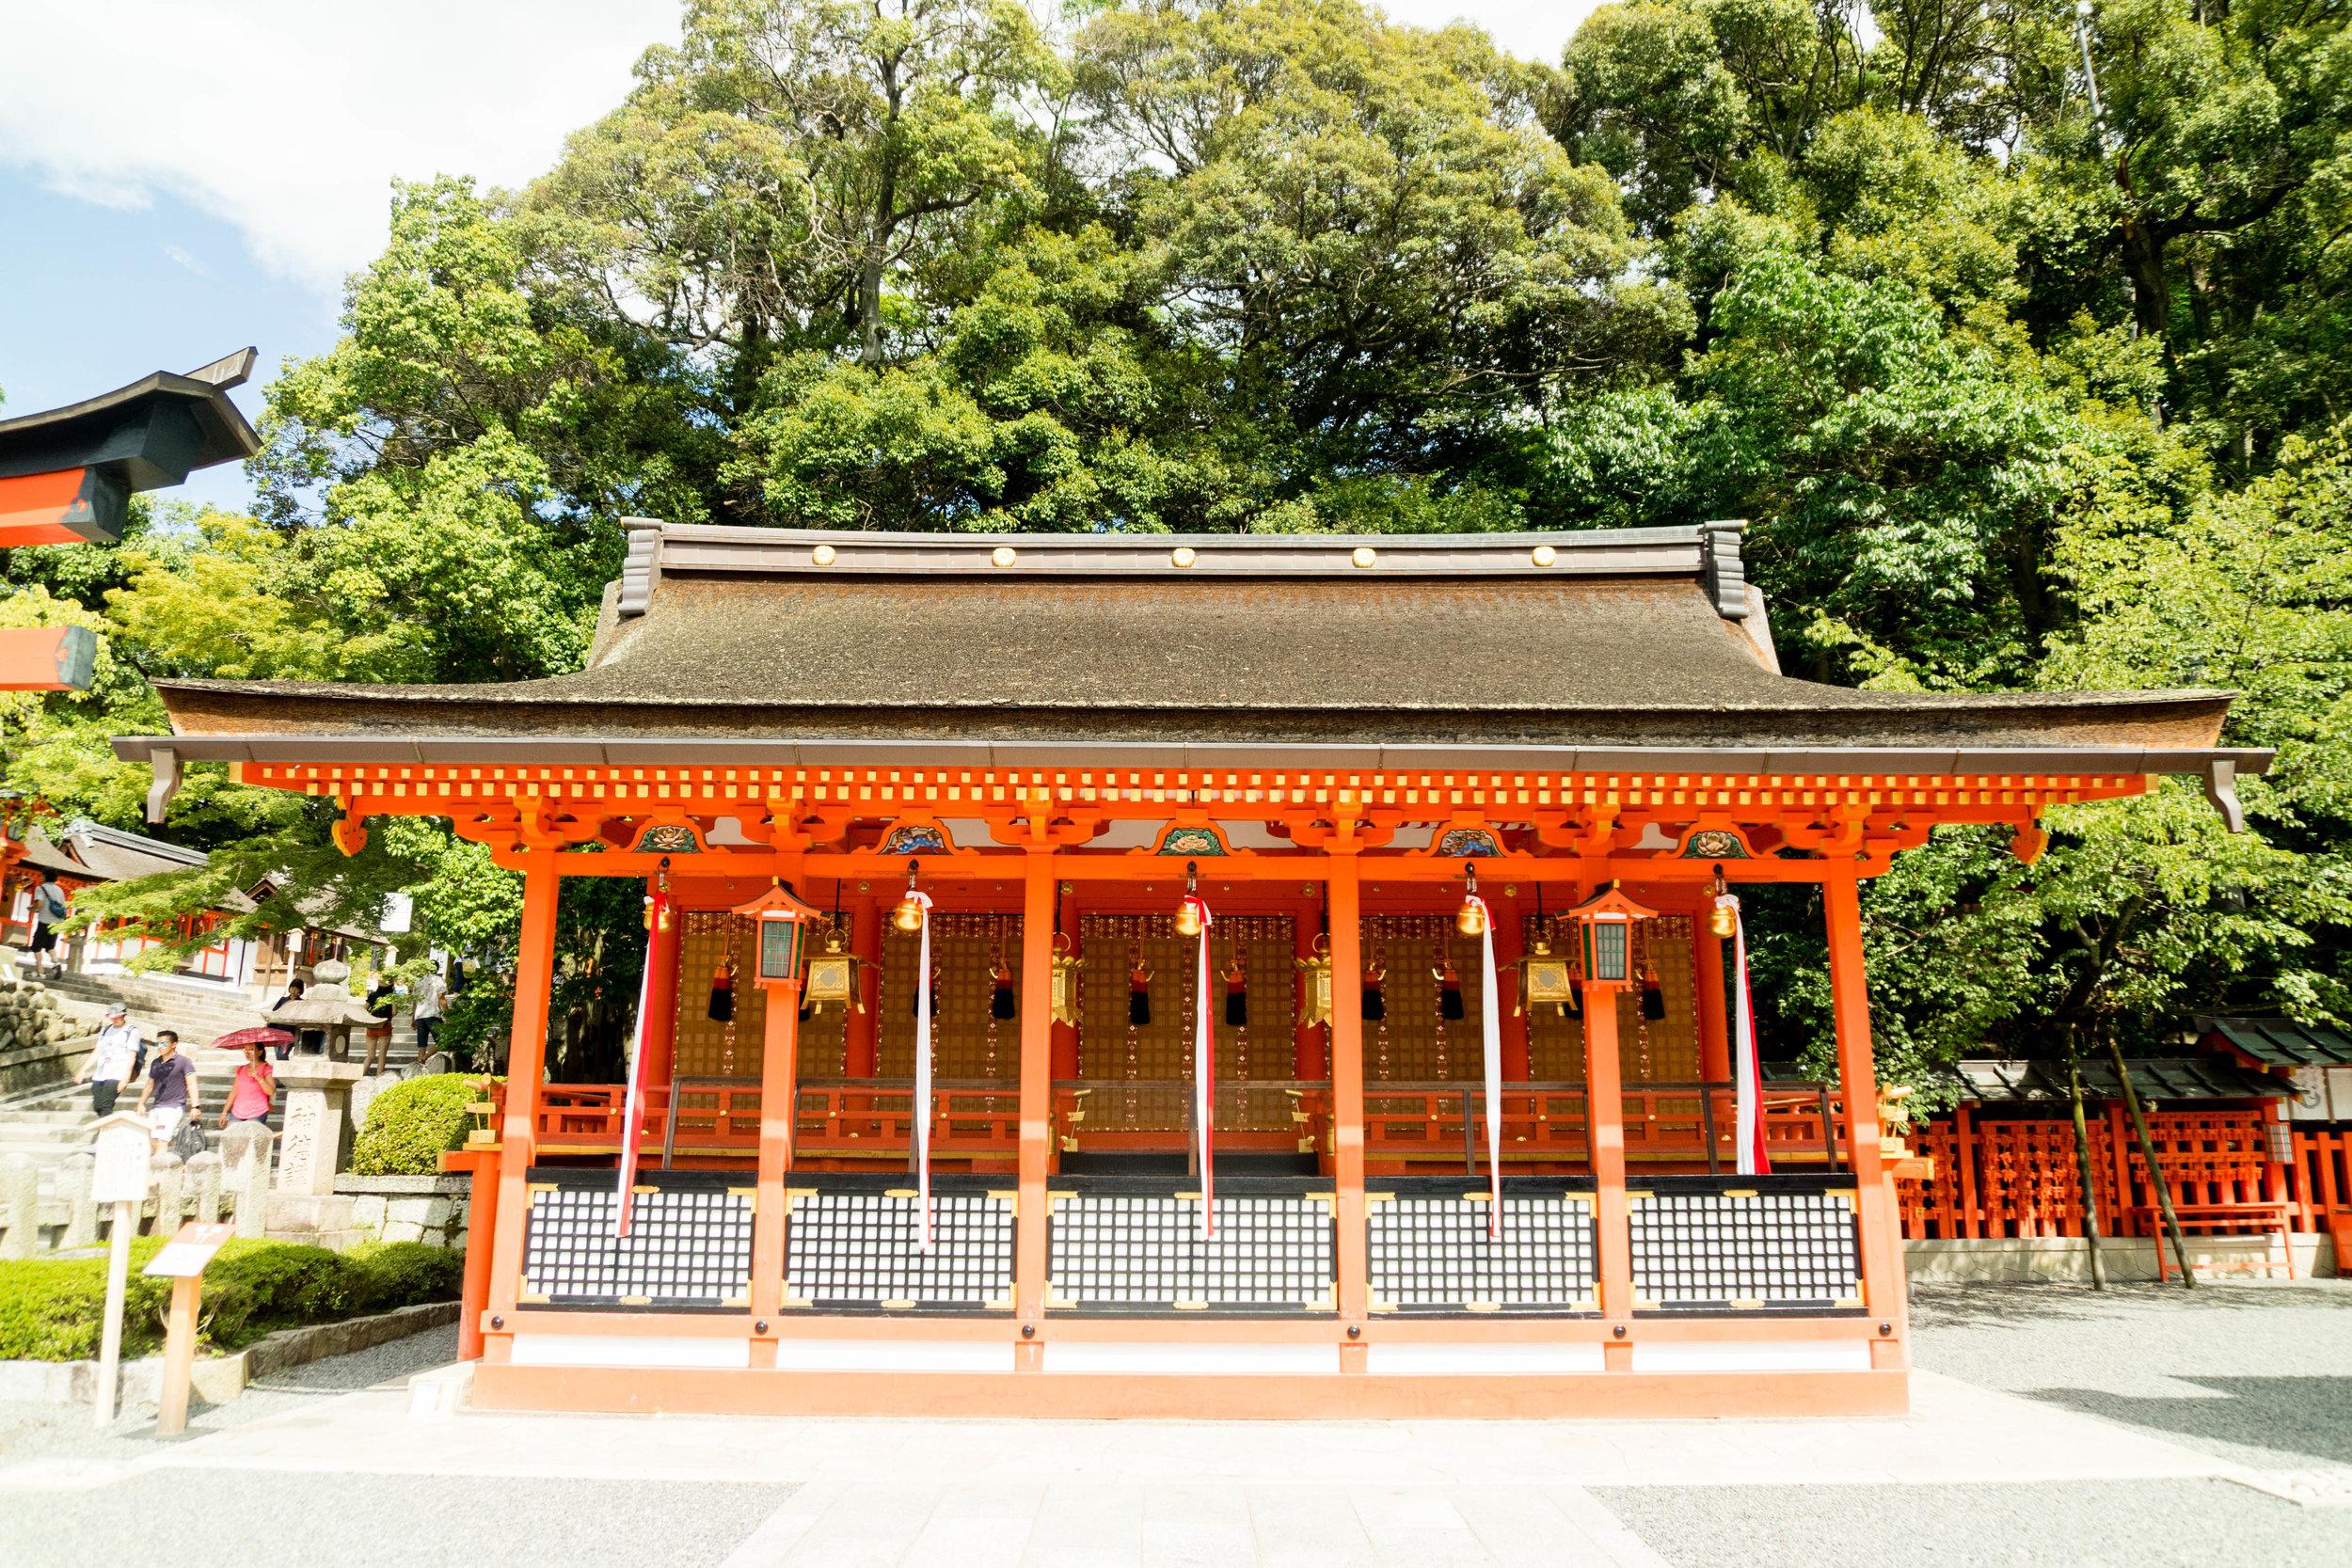 Kyoto_Japan_Fushimi_Inari_Taisha_Orange